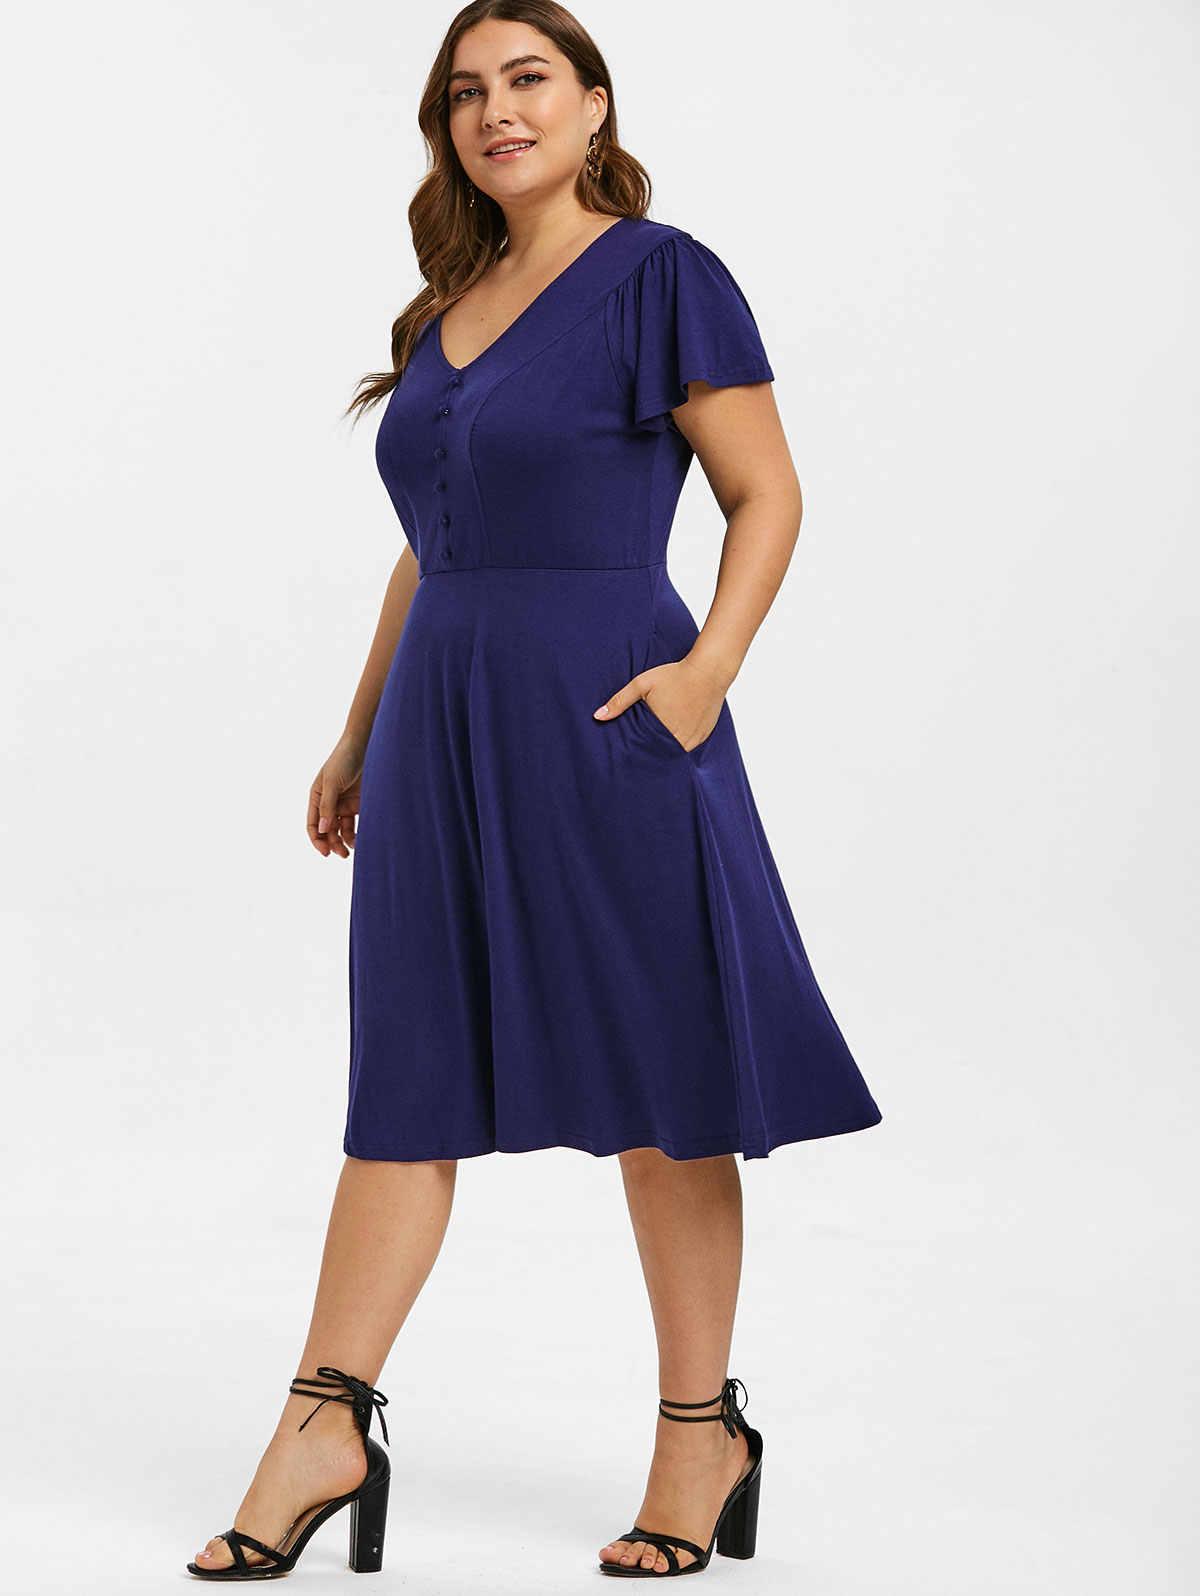 Wipalo плюс размер Кнопка украшенная трапециевидной формы Платье женское с v-образным вырезом короткий рукав летнее однотонное Повседневное платье и расклешенное платье Vestidos 5XL